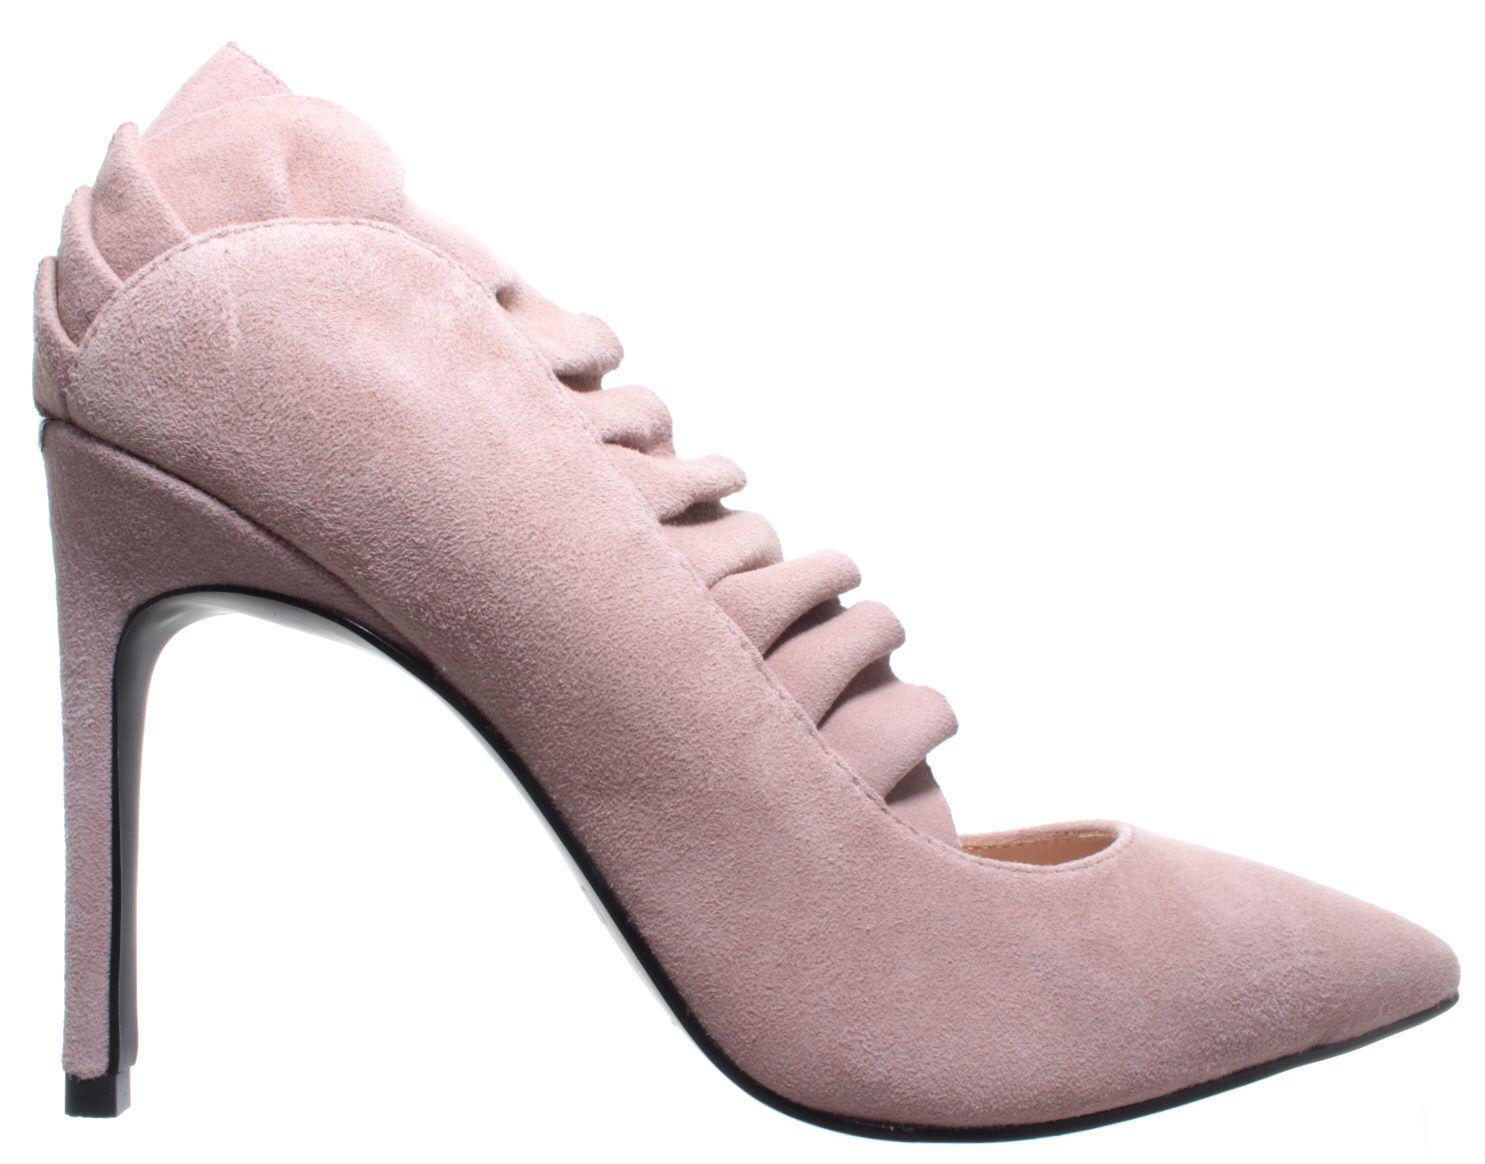 LIU JO Damen Decolletè Pumps Schuhe Lola 04 Decollete Kid Suede Antique Rose